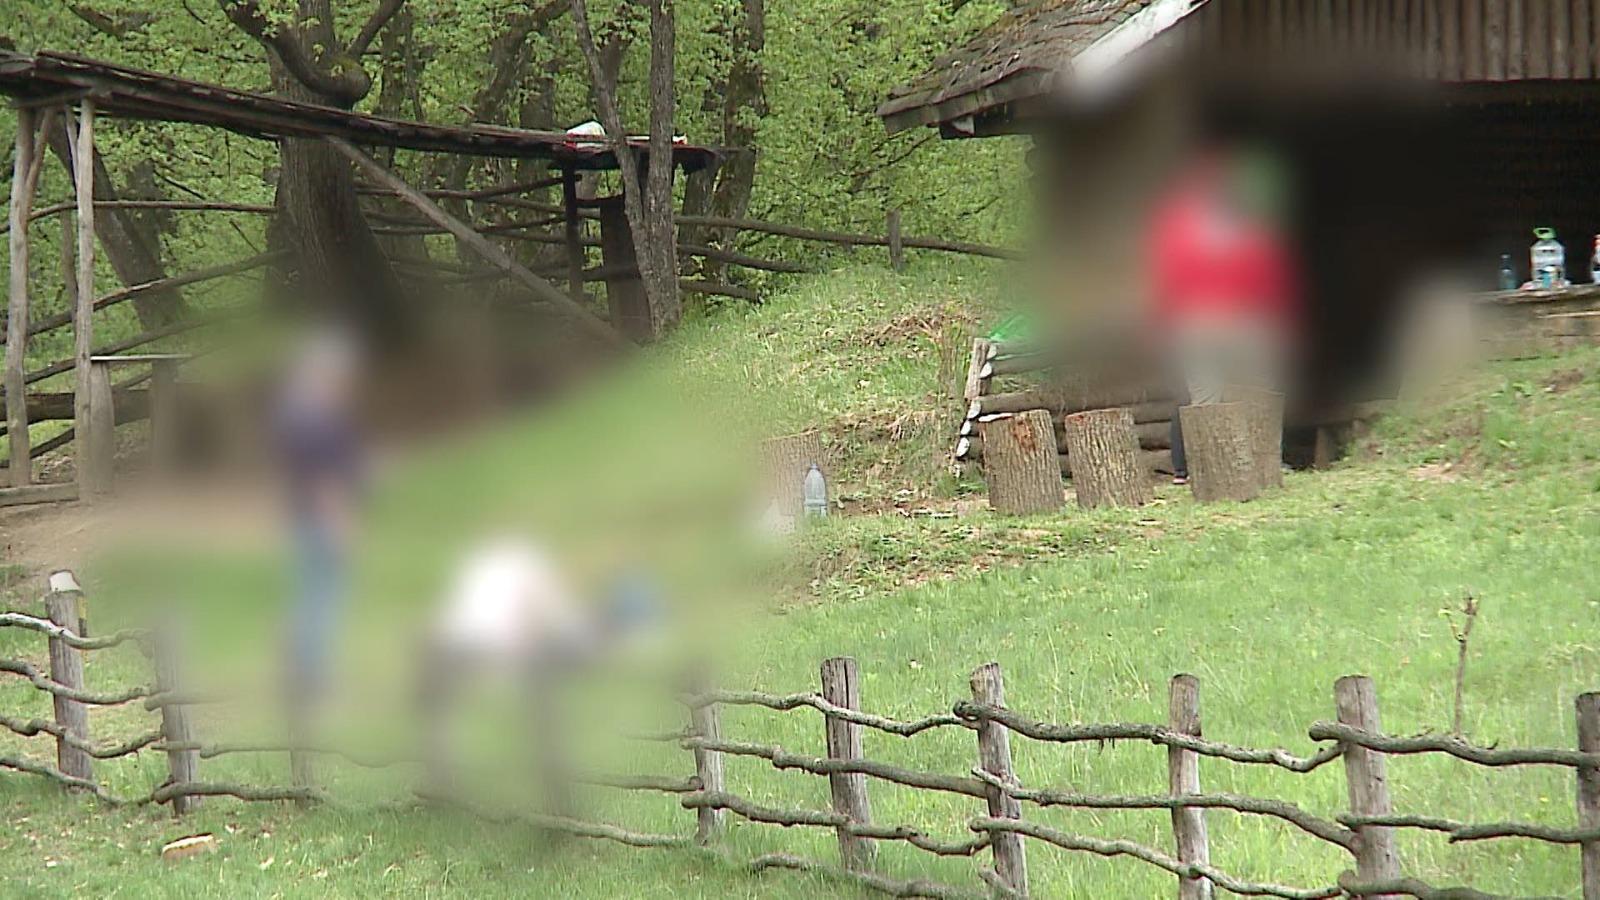 Un copil şi-a împuşcat fratele mai mic cu o puşcă cu aer comprimat în timpul unui picnic